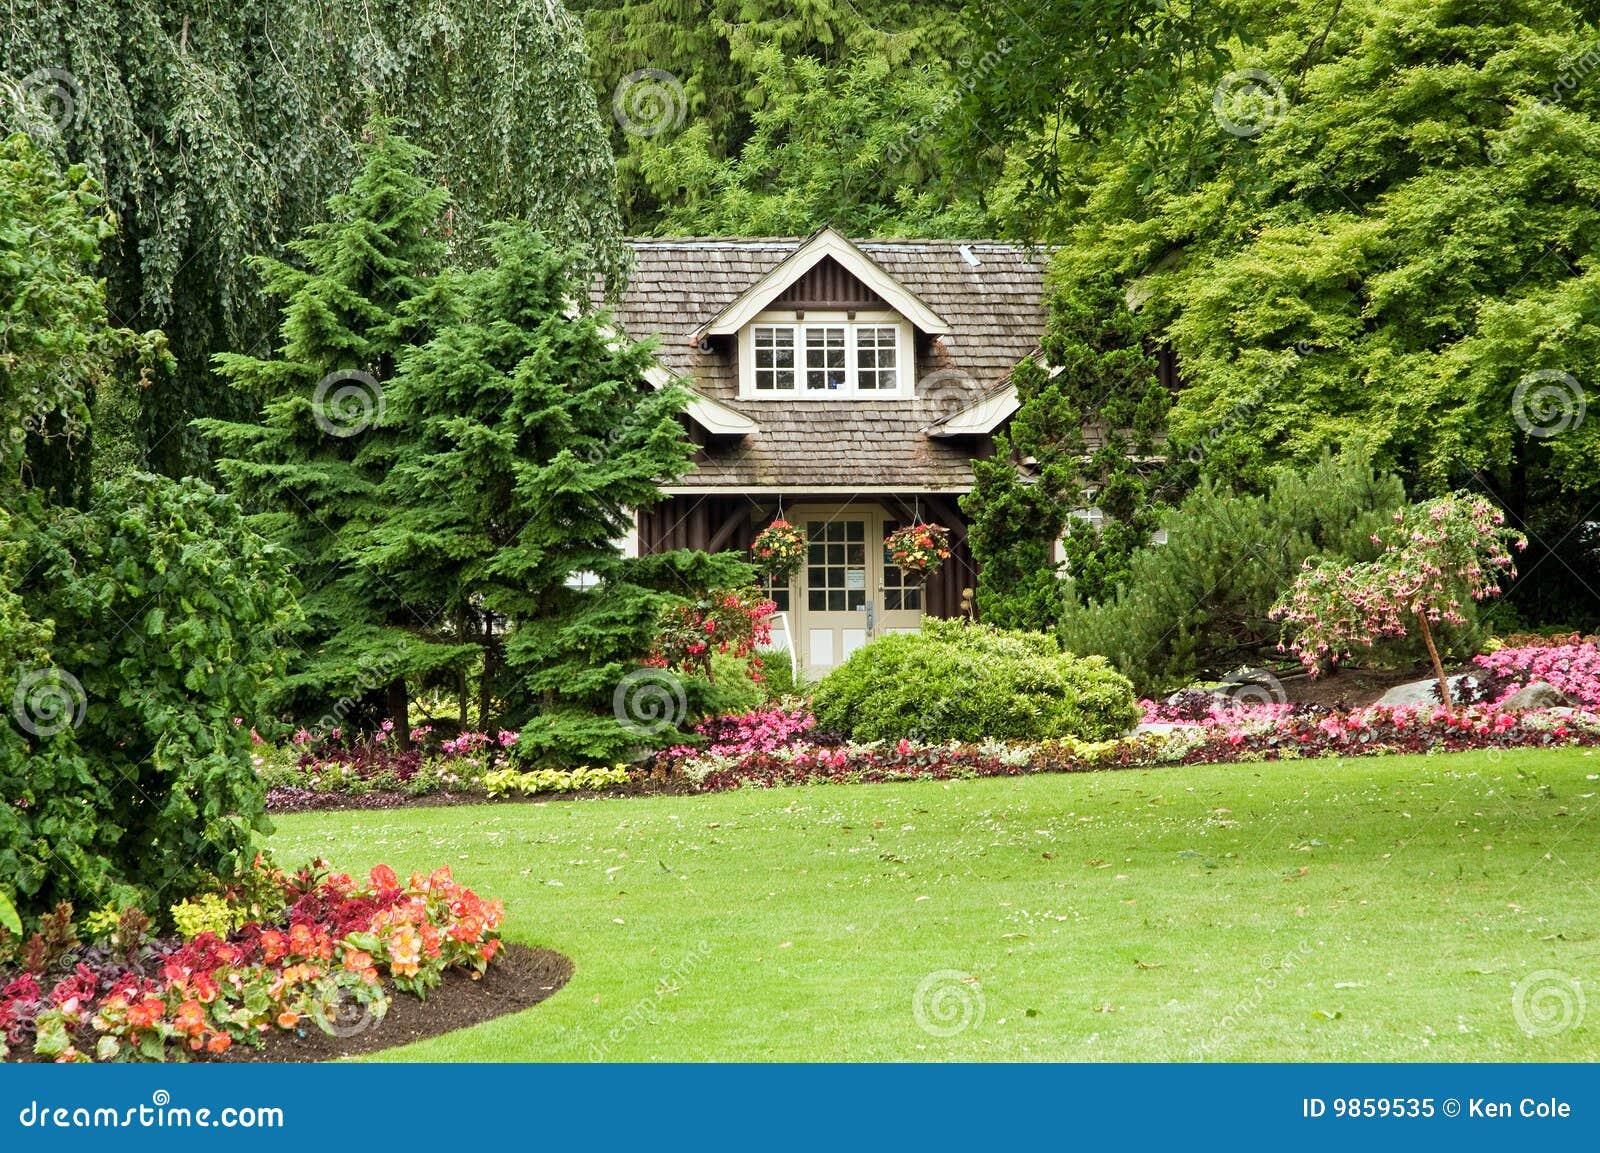 garden design garden design with borrow from the bauhaus for a